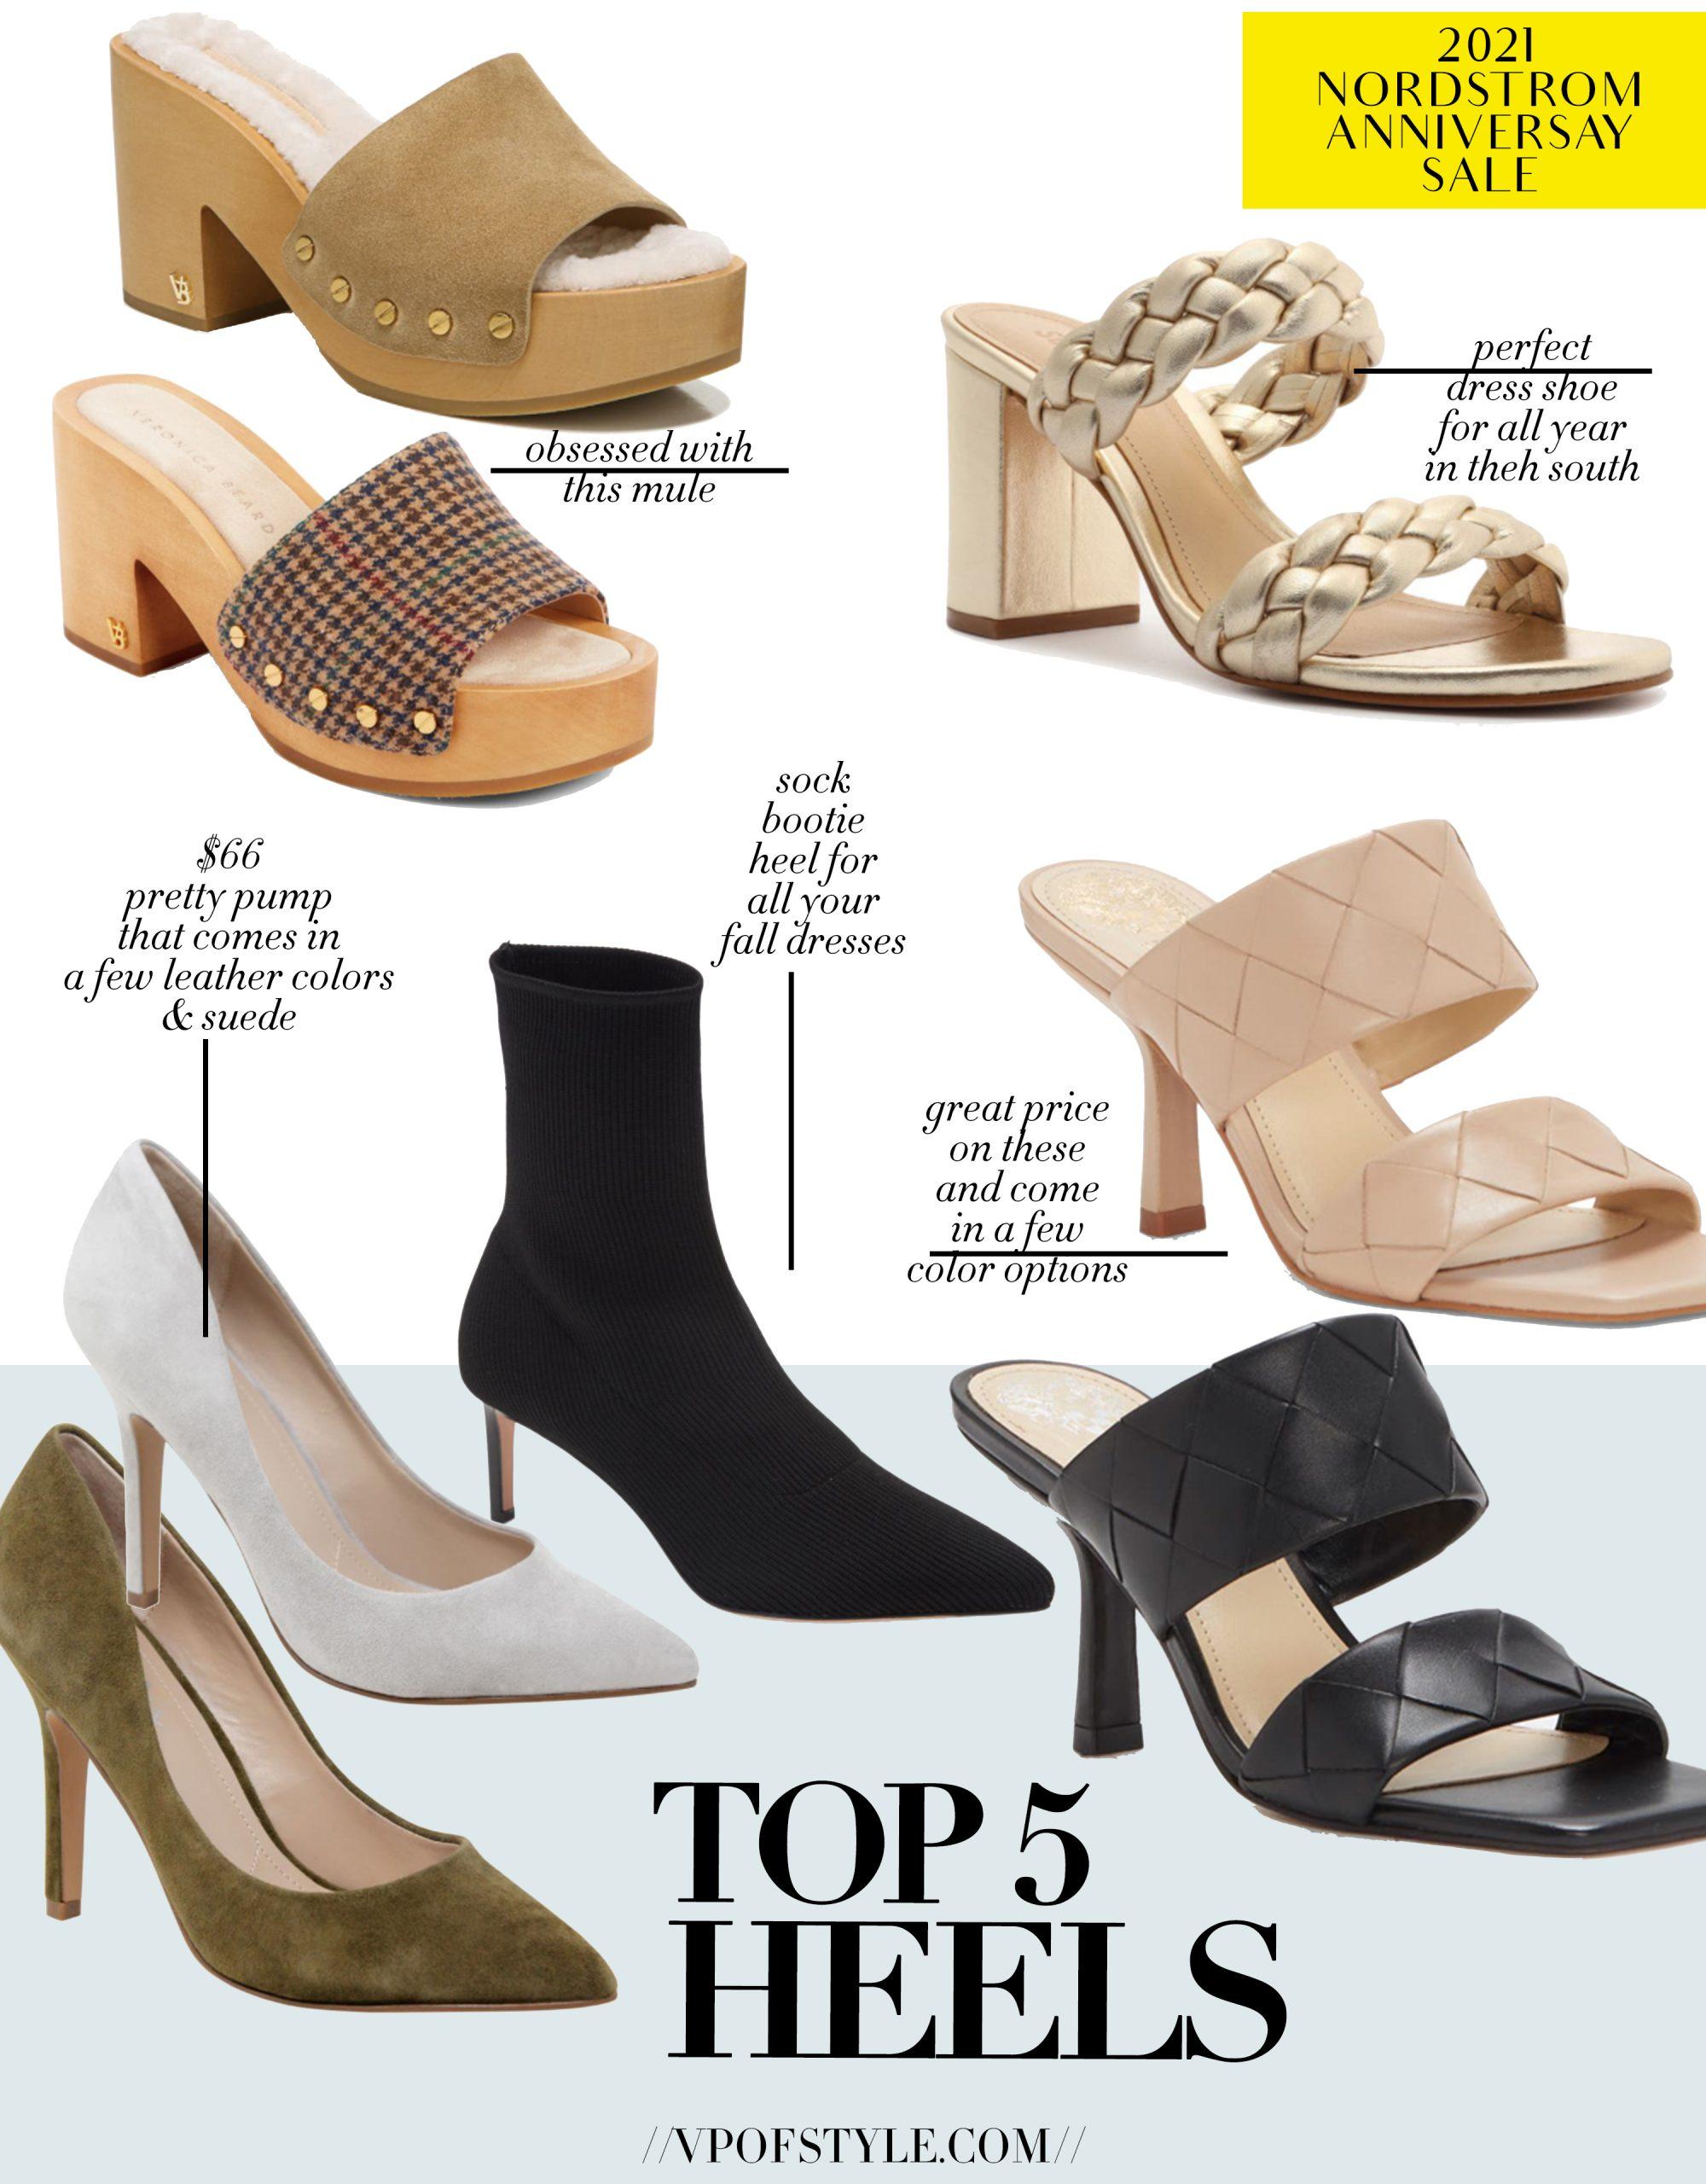 Nordstrom Anniversary Sale top 5 heel picks